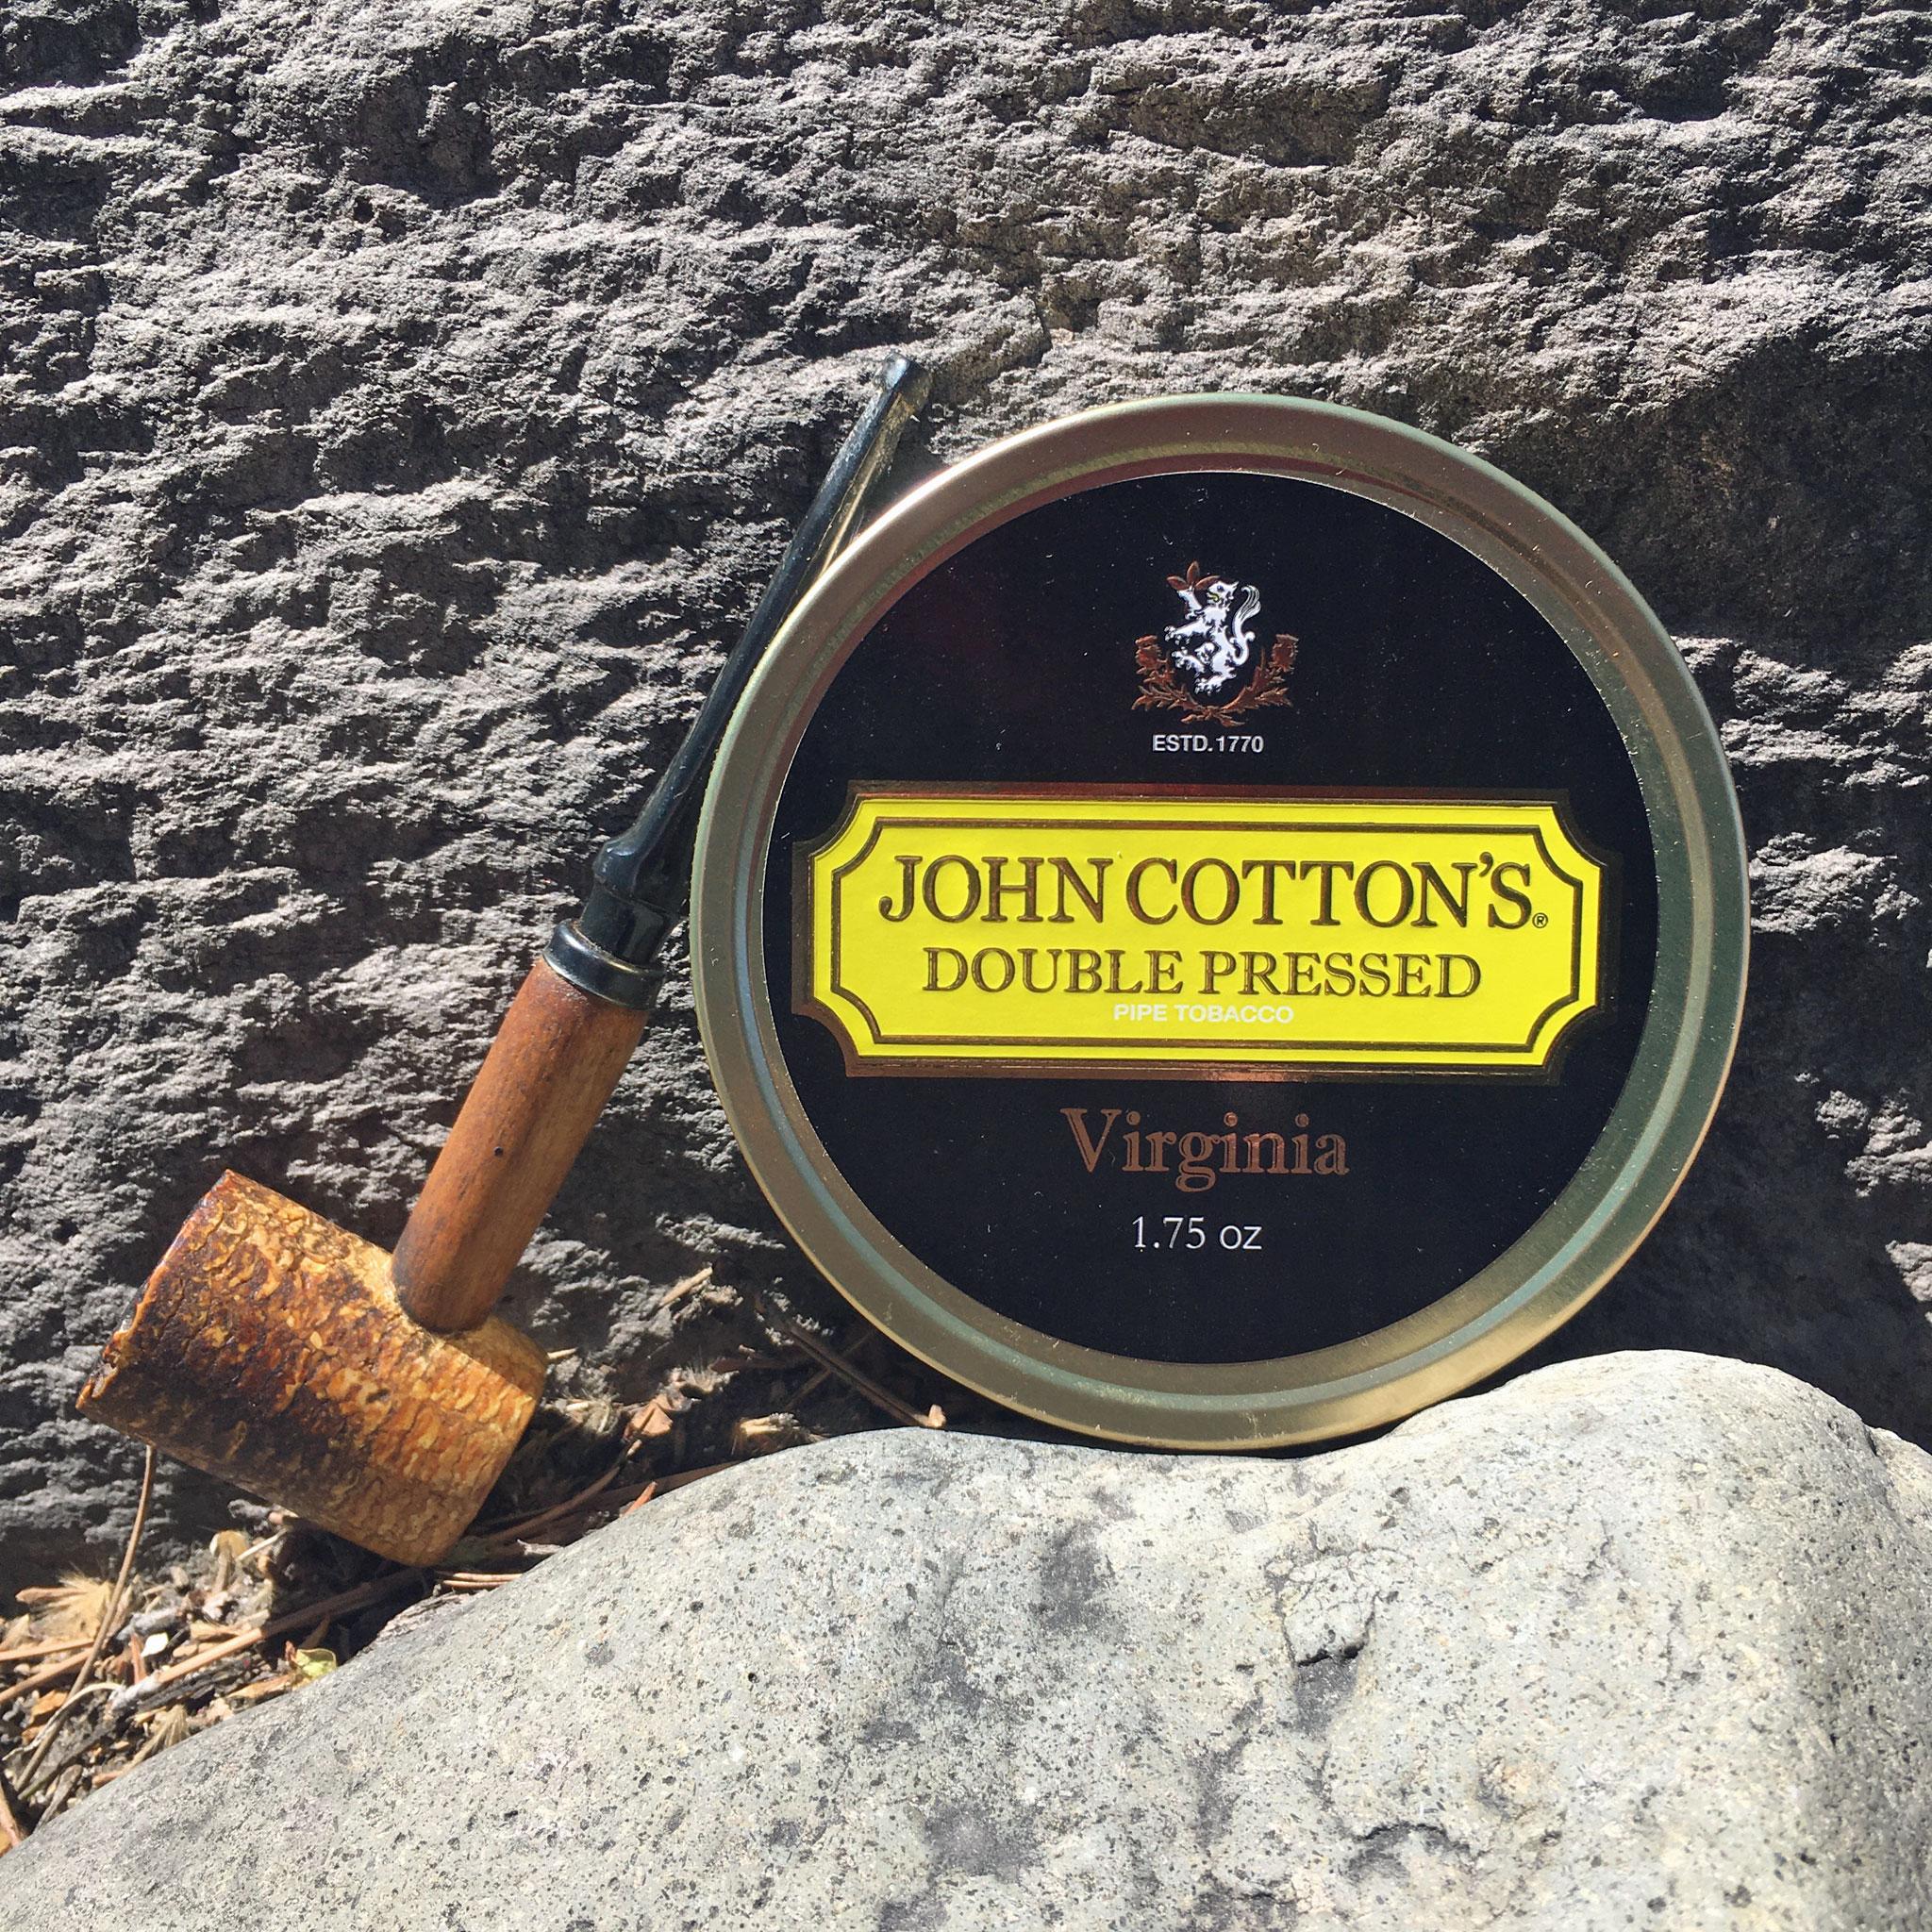 John Cotton's Double Pressed Virginia Tobacco & Corn Cob Pipe